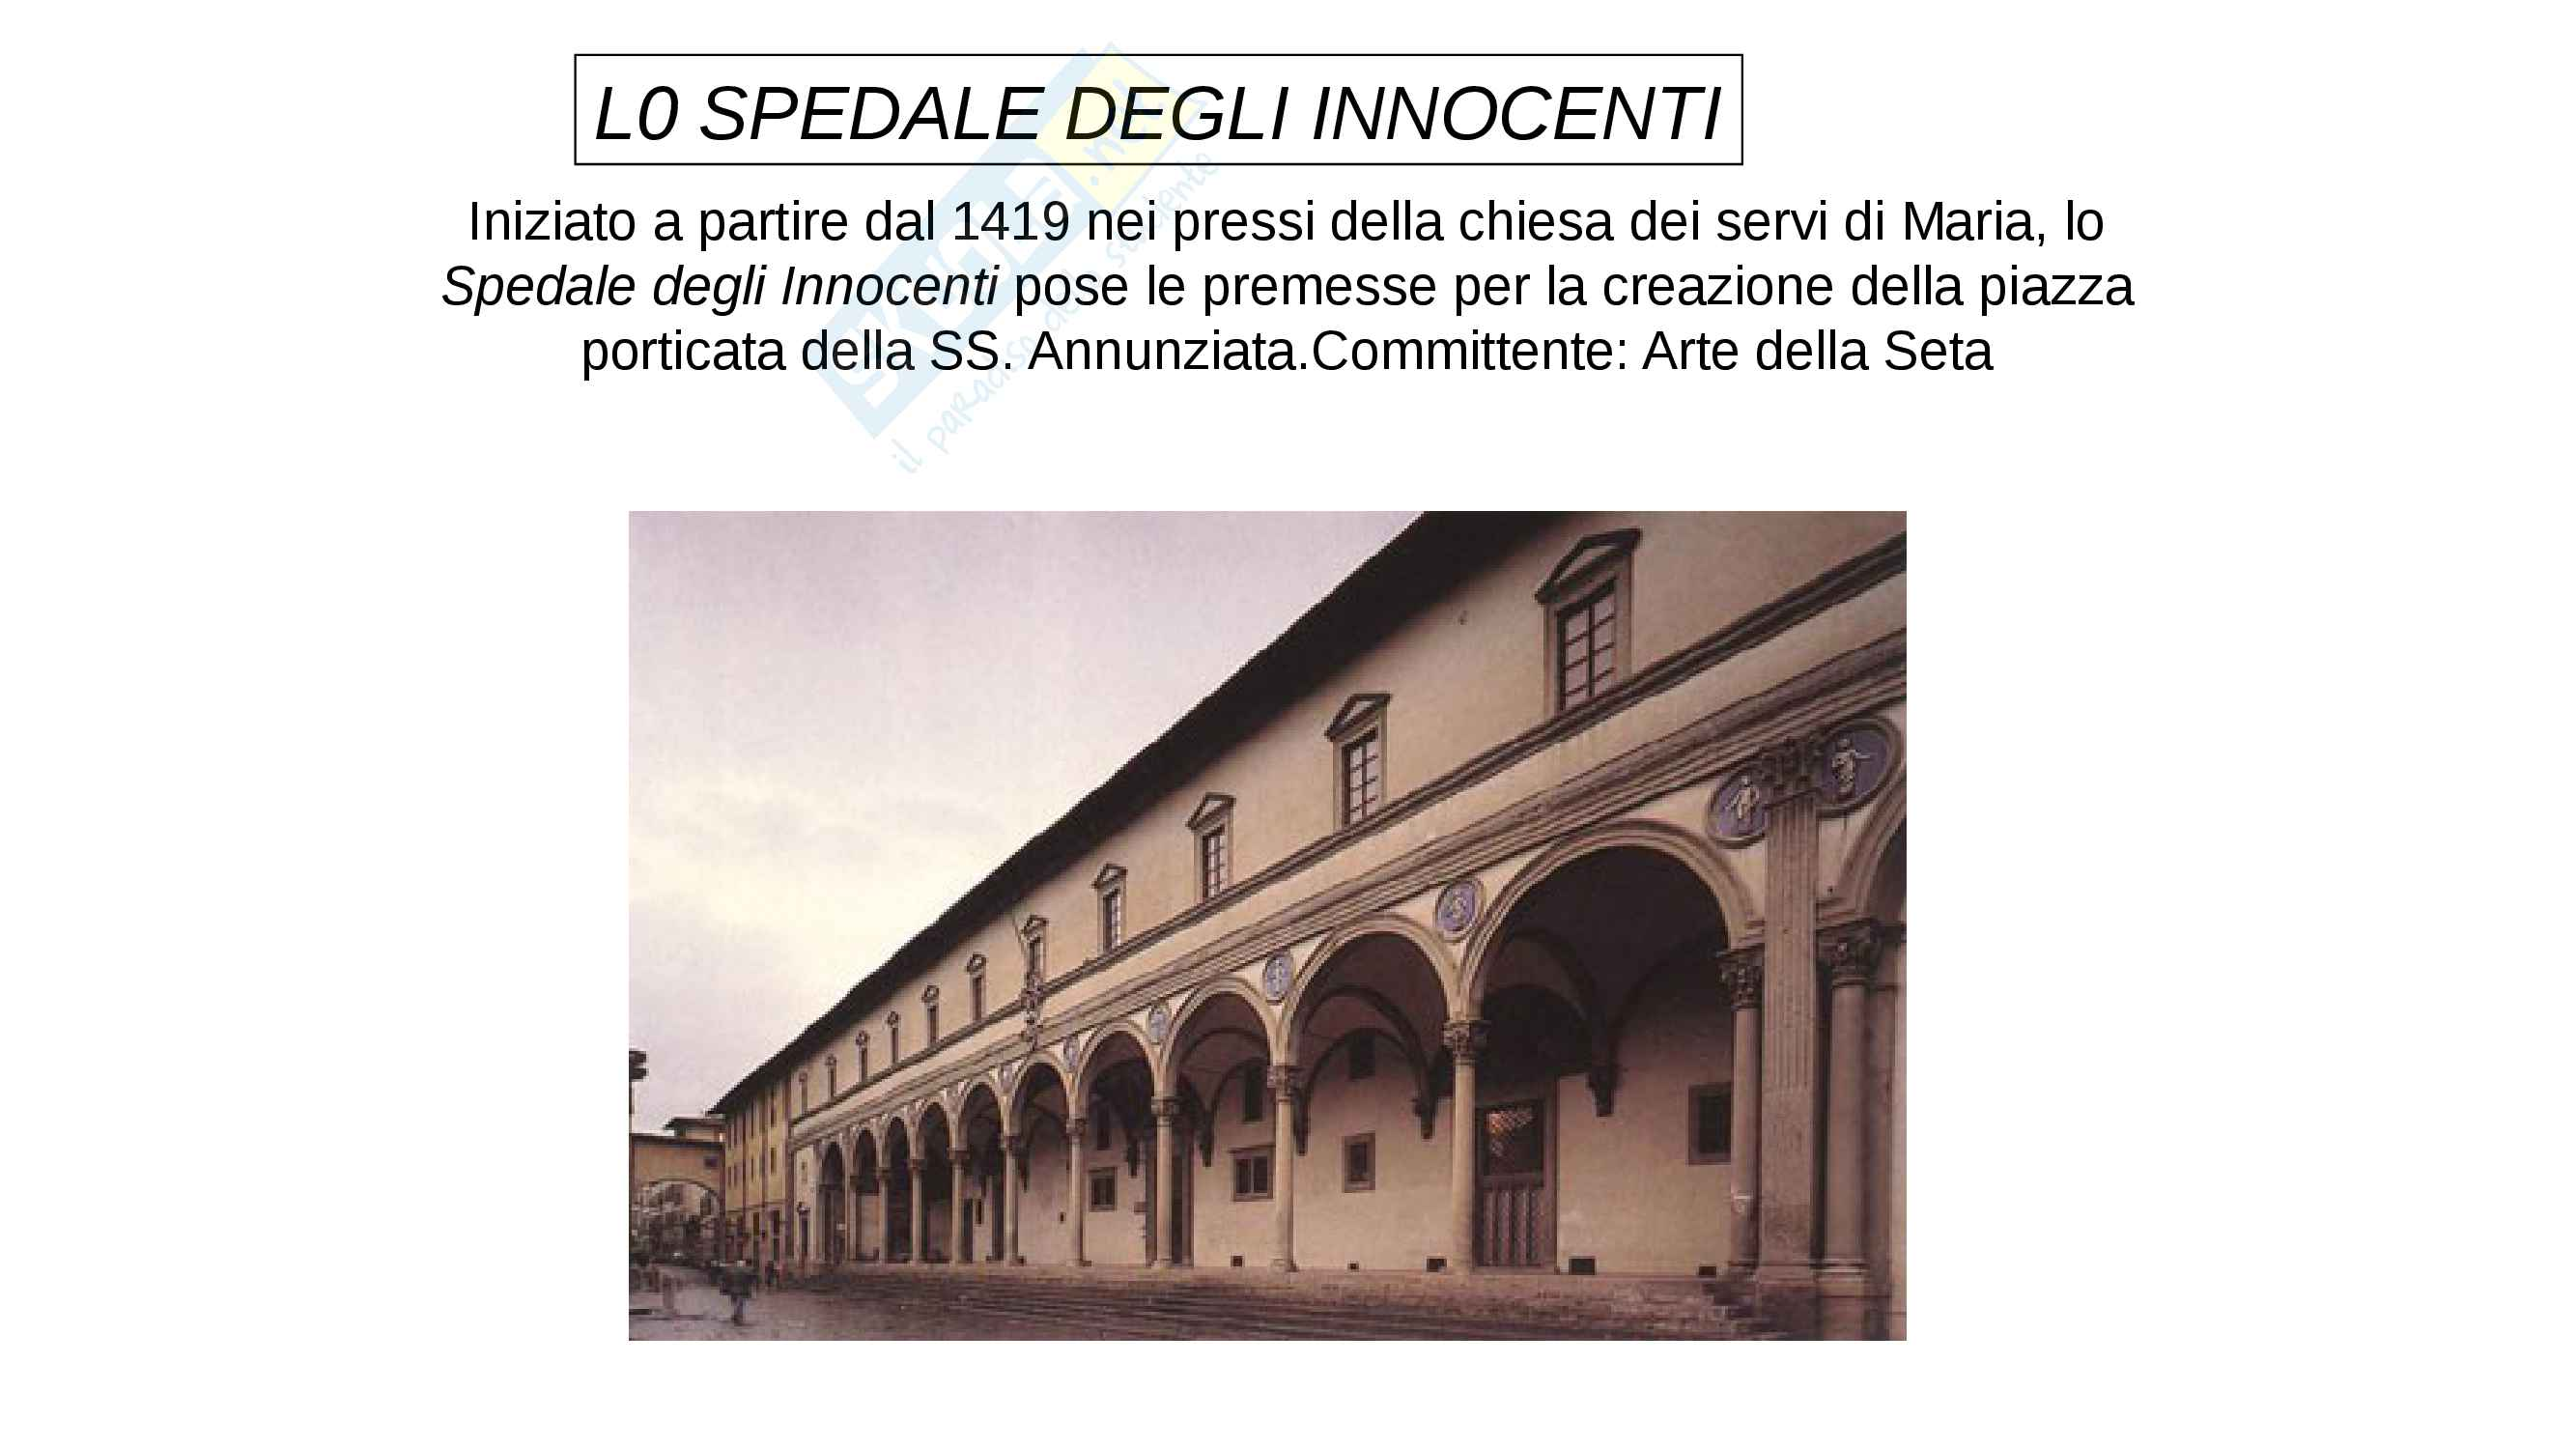 Lo Spedale degli Innocenti- Brunelleschi. completo con IMMAGINI, facile memorizzazione